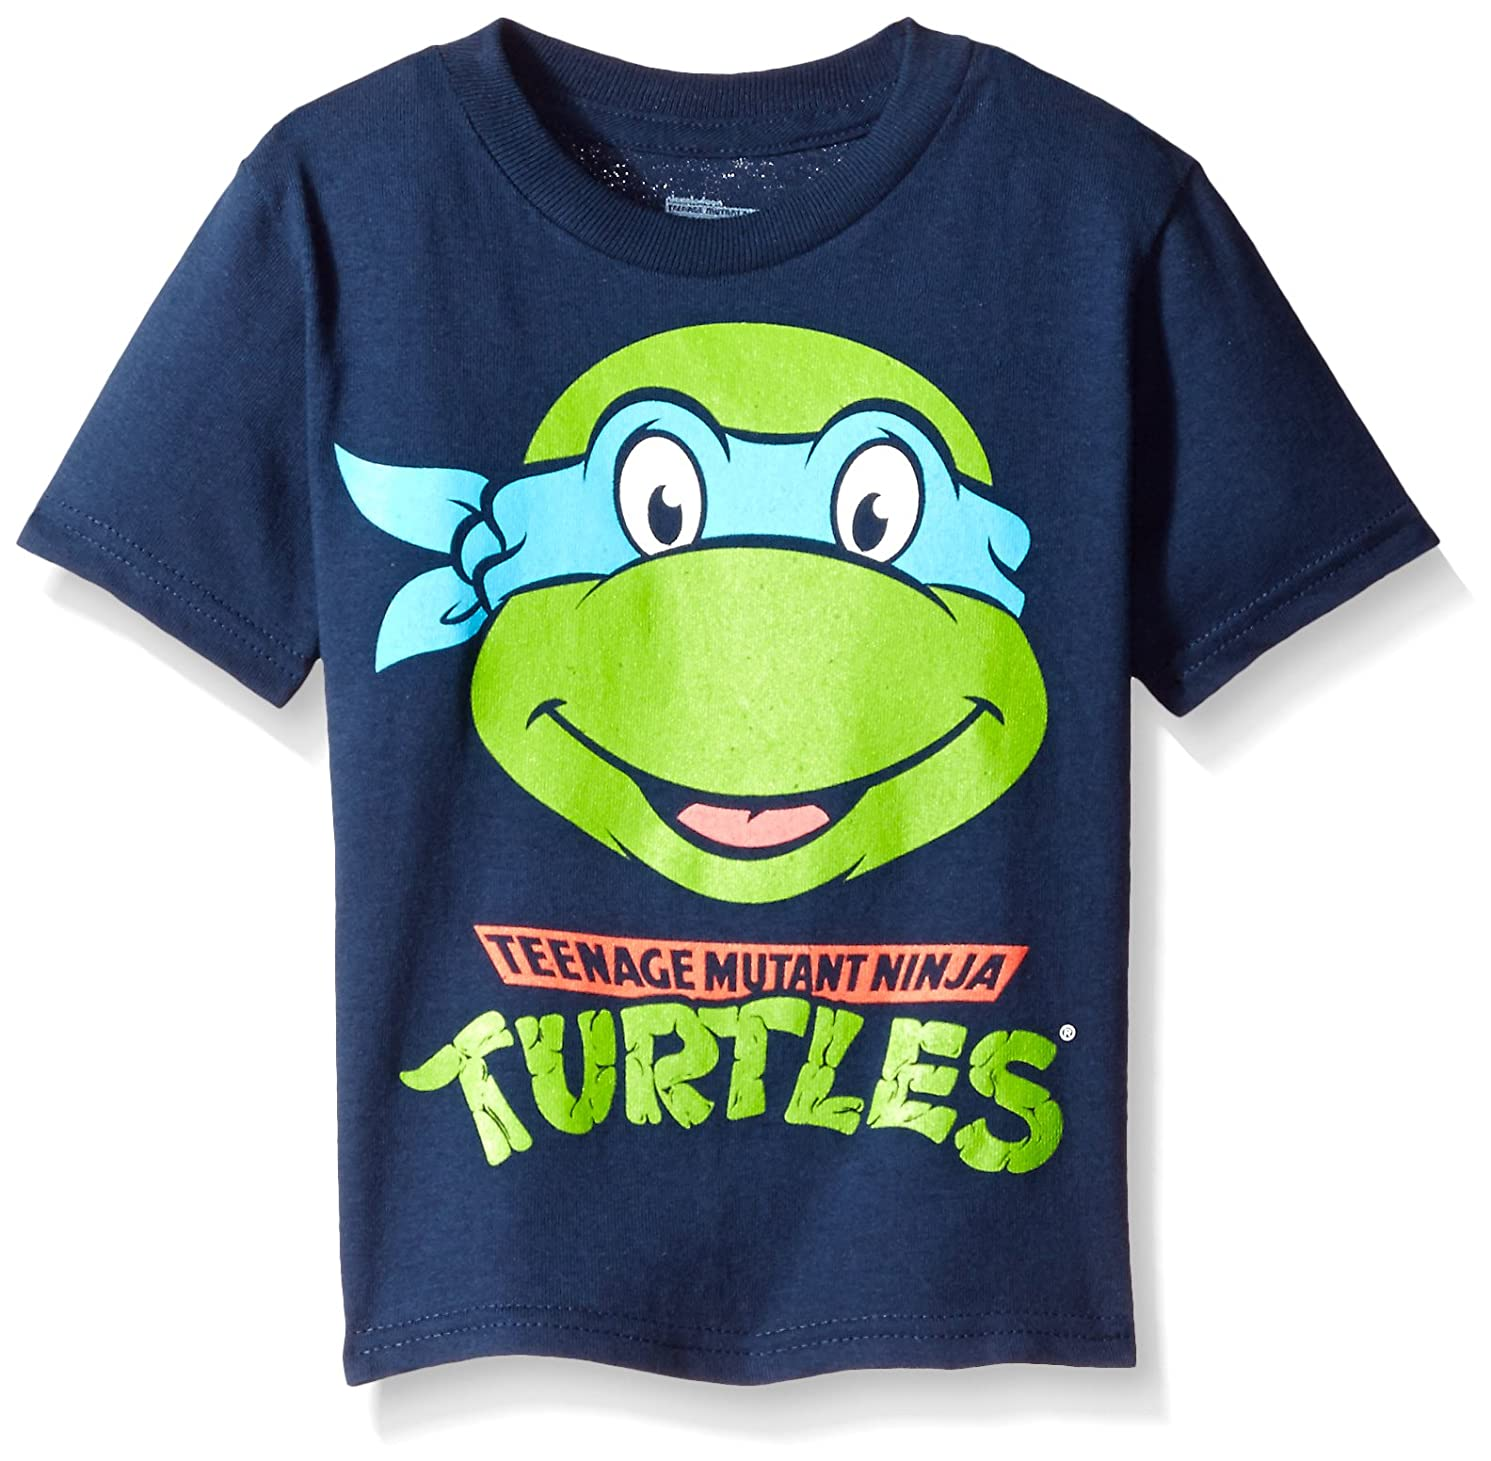 Teenage Mutant Ninja Turtles Boys Group Tee Shirt